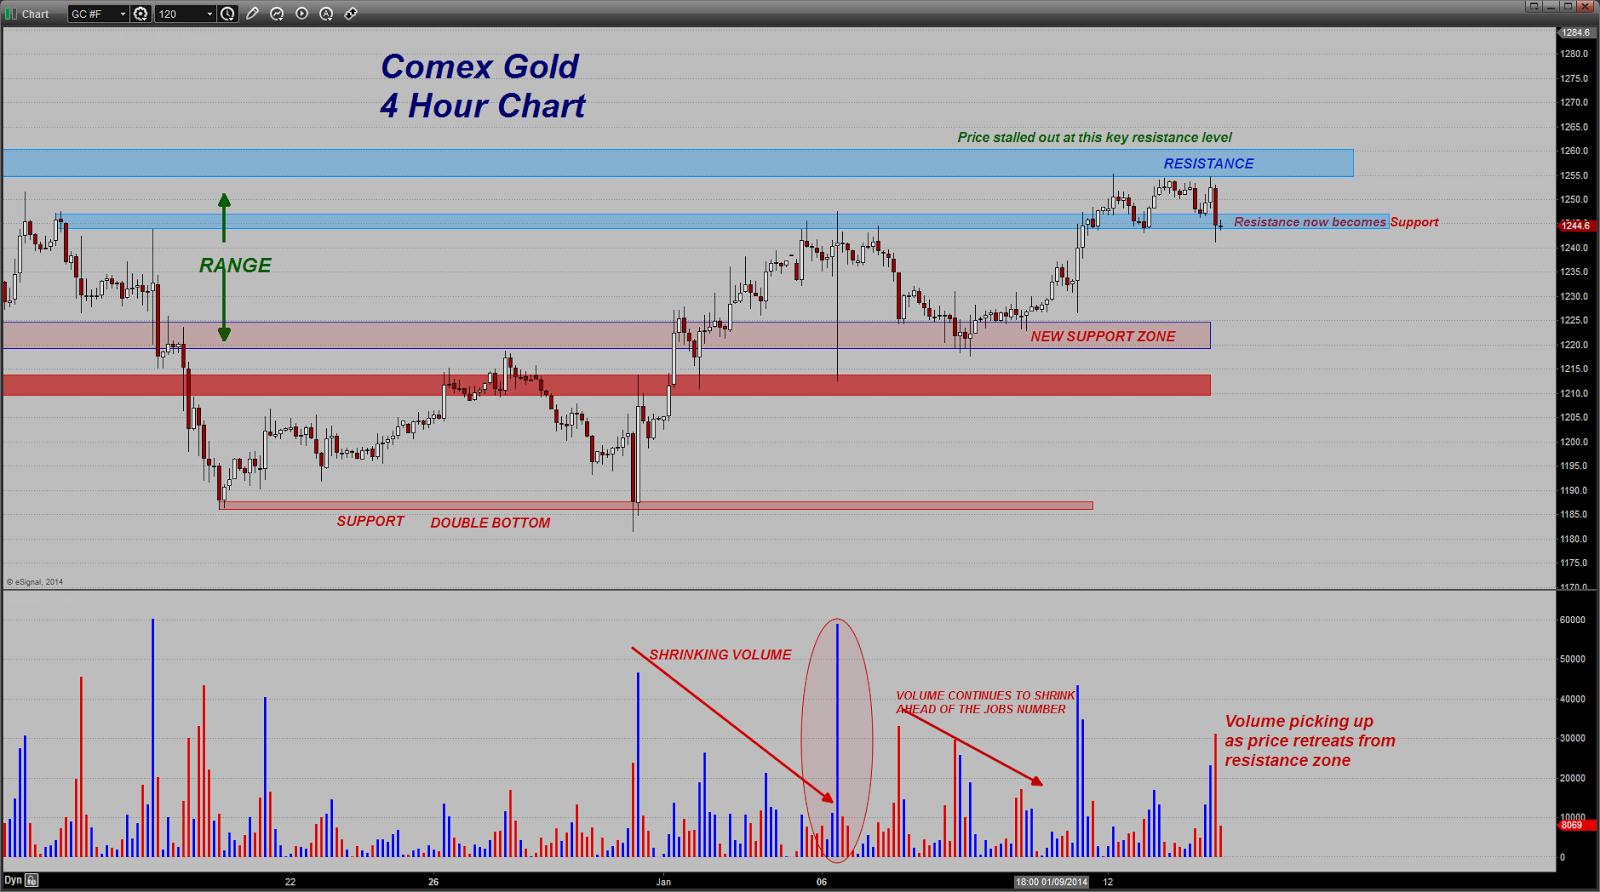 prix de l'or, de l'argent et des minières / suivi quotidien en clôture - Page 9 Chart20140114113223